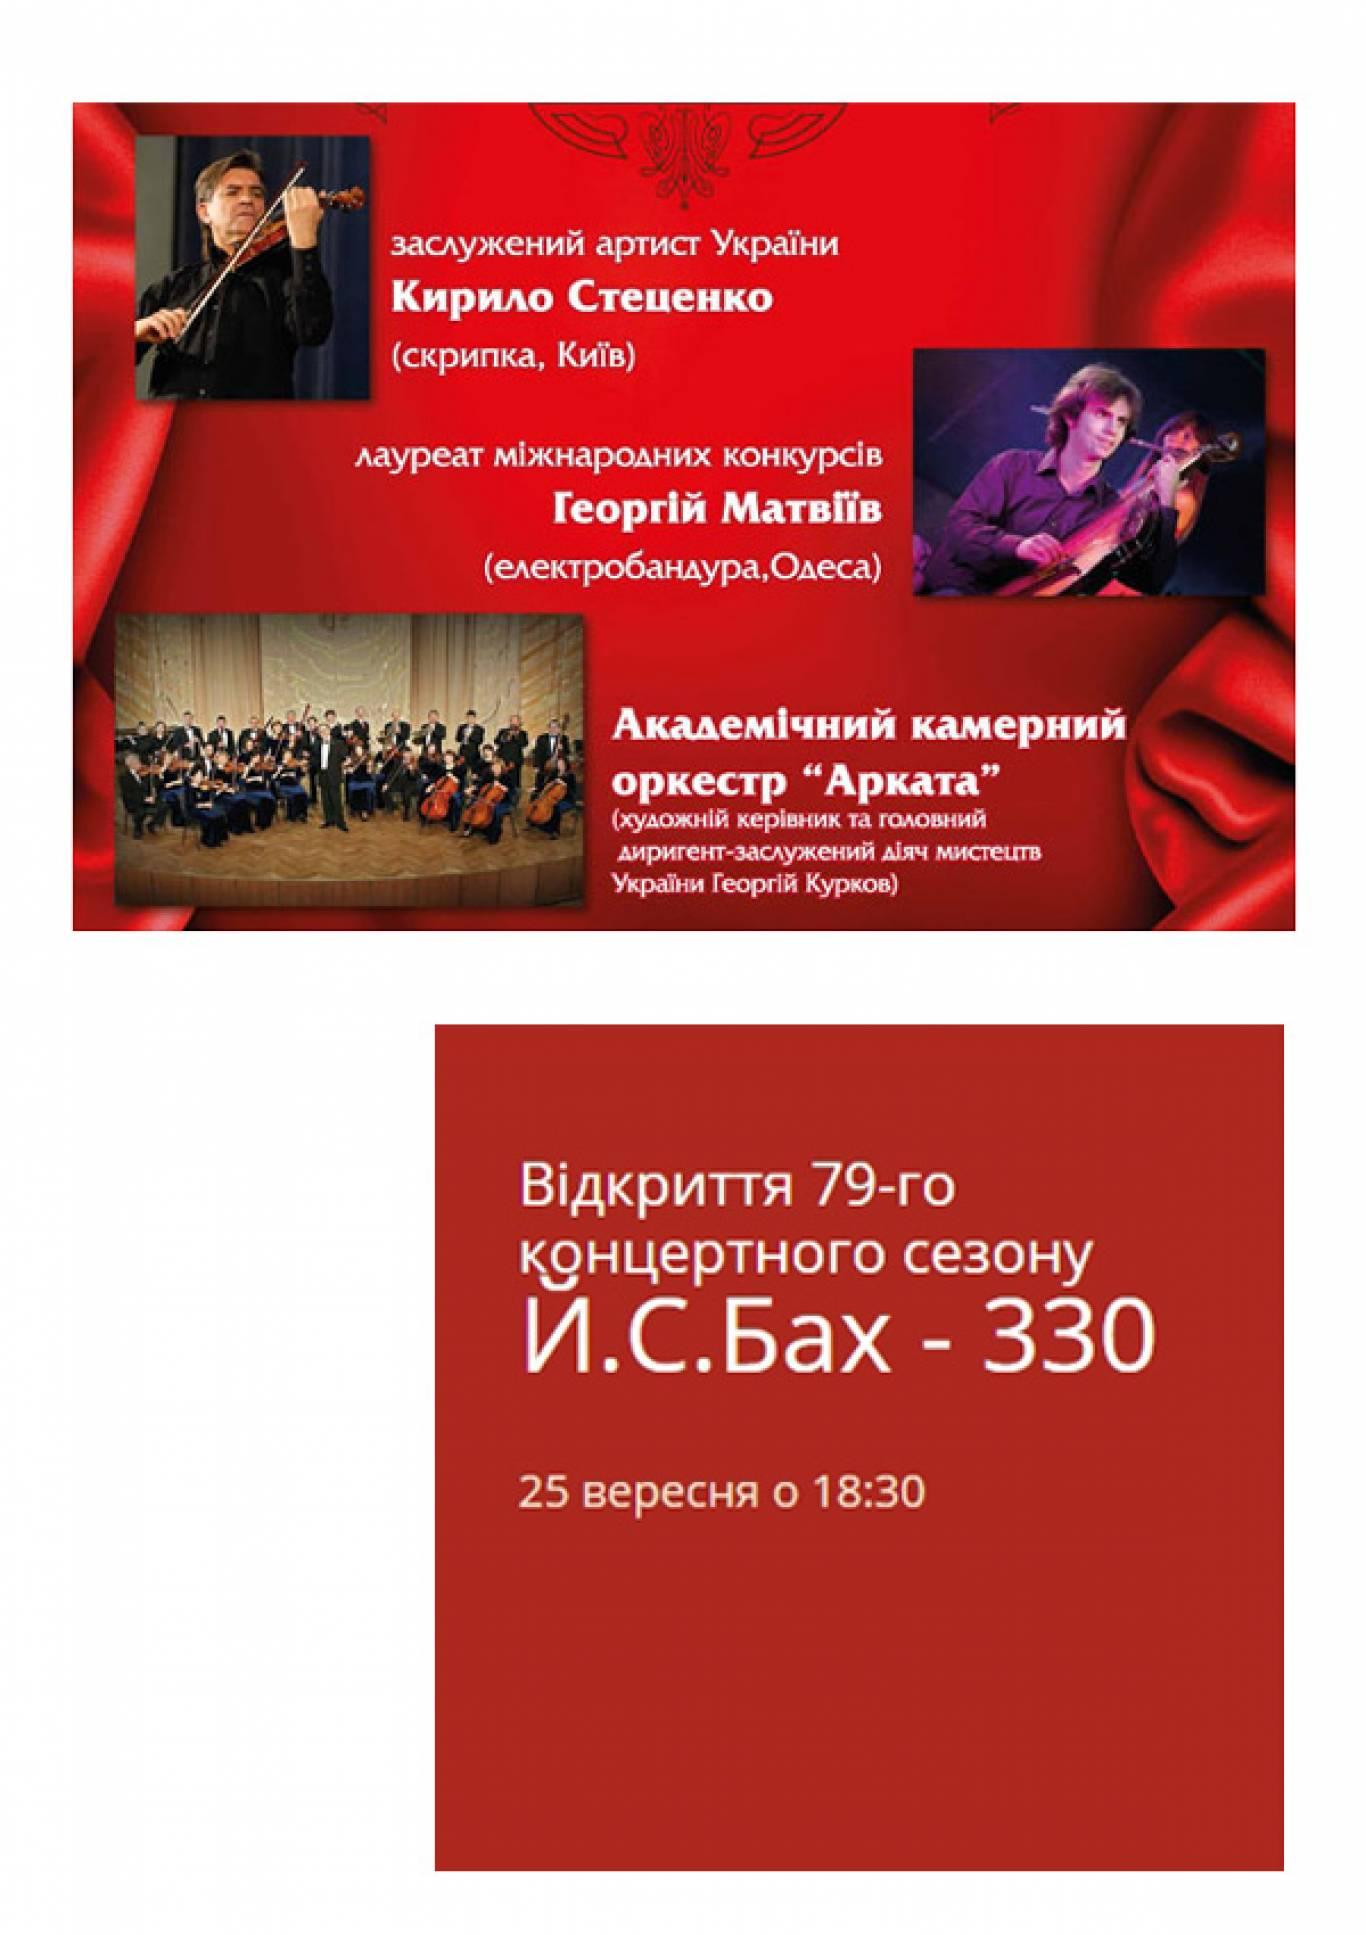 Відкриття 79-го концертного сезону Вінницької філармонії. Й.С.Бах-330